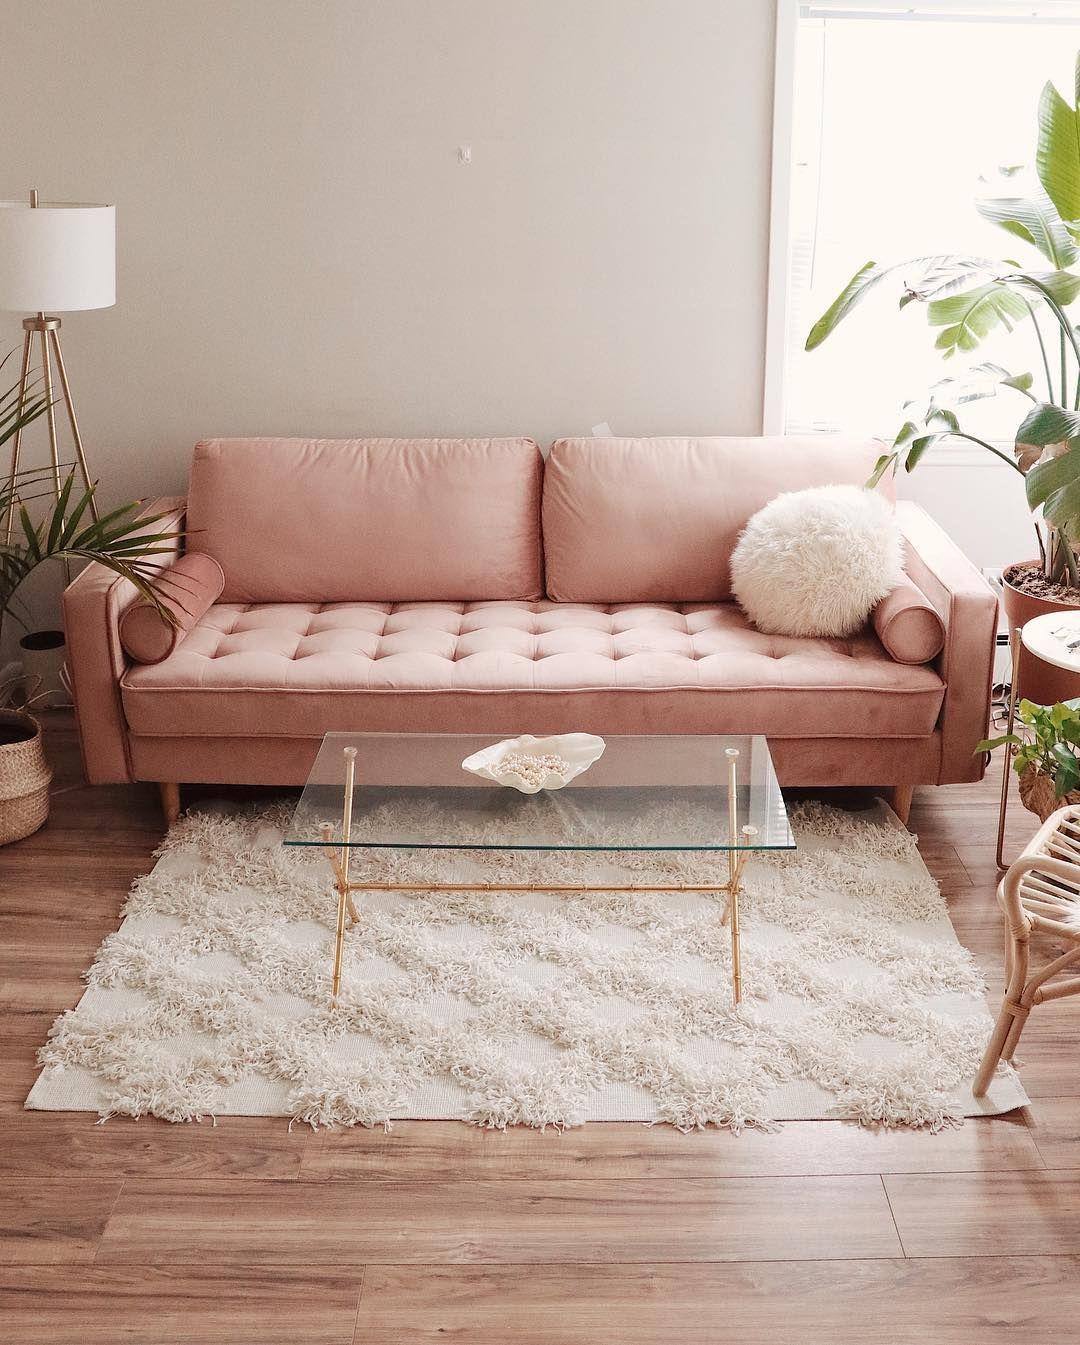 La Imagen Puede Contener Sala De Estar Tabla E Interior In 2020 Pink Couch Living Room Pink Living Room Home Decor